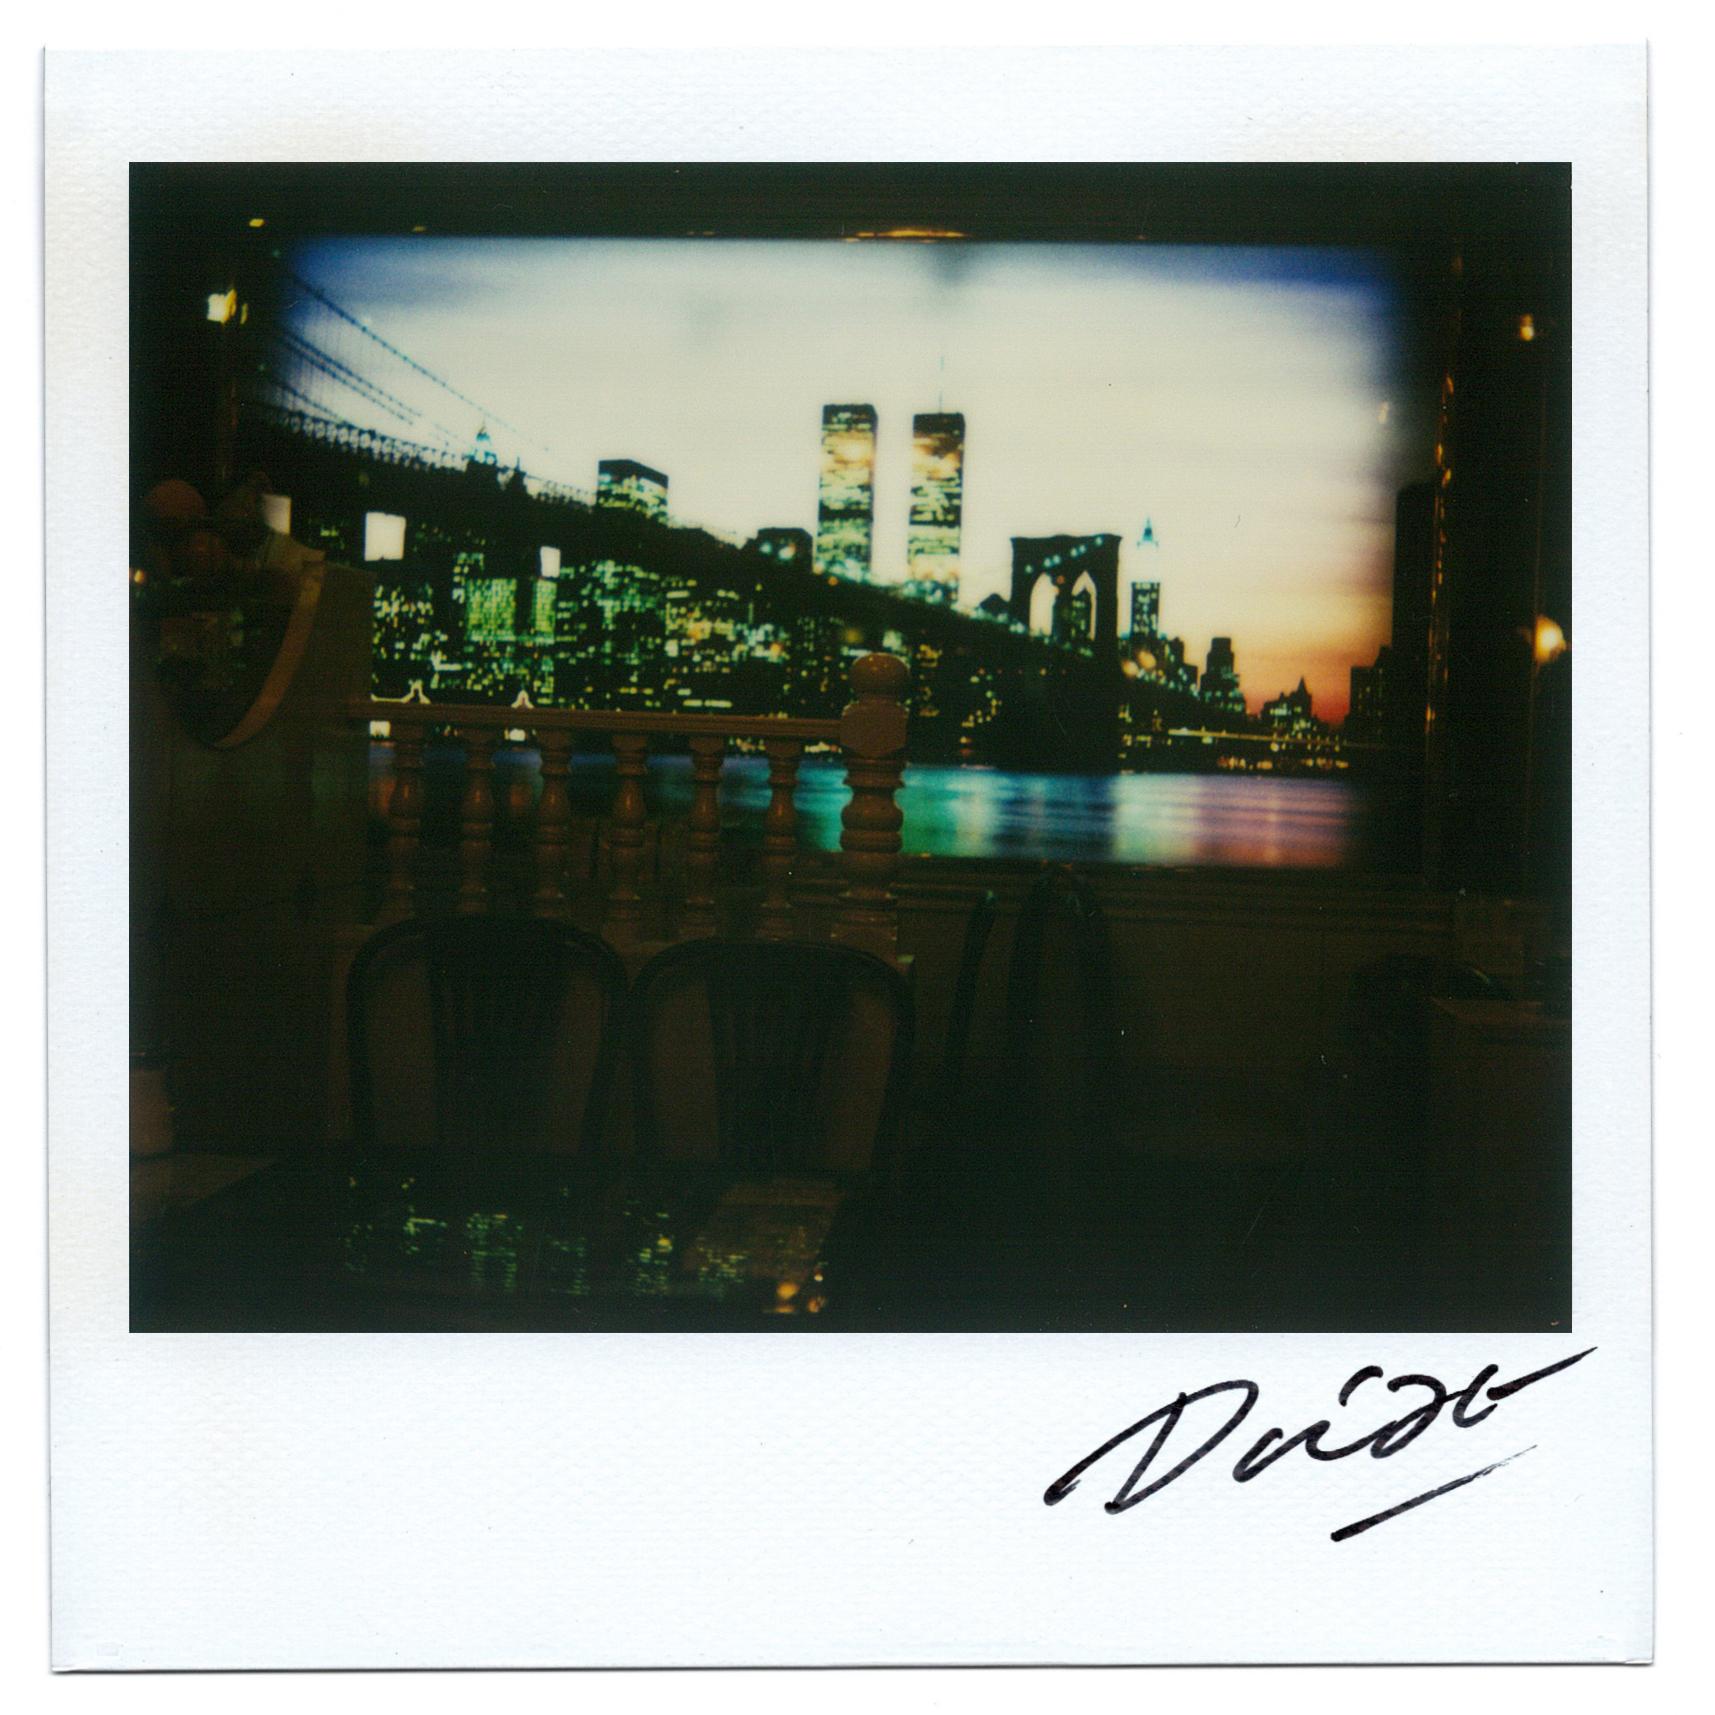 Moriyama Daido, bye-bye polaroid, 2008, Polaroid, 10 x 10 cm6